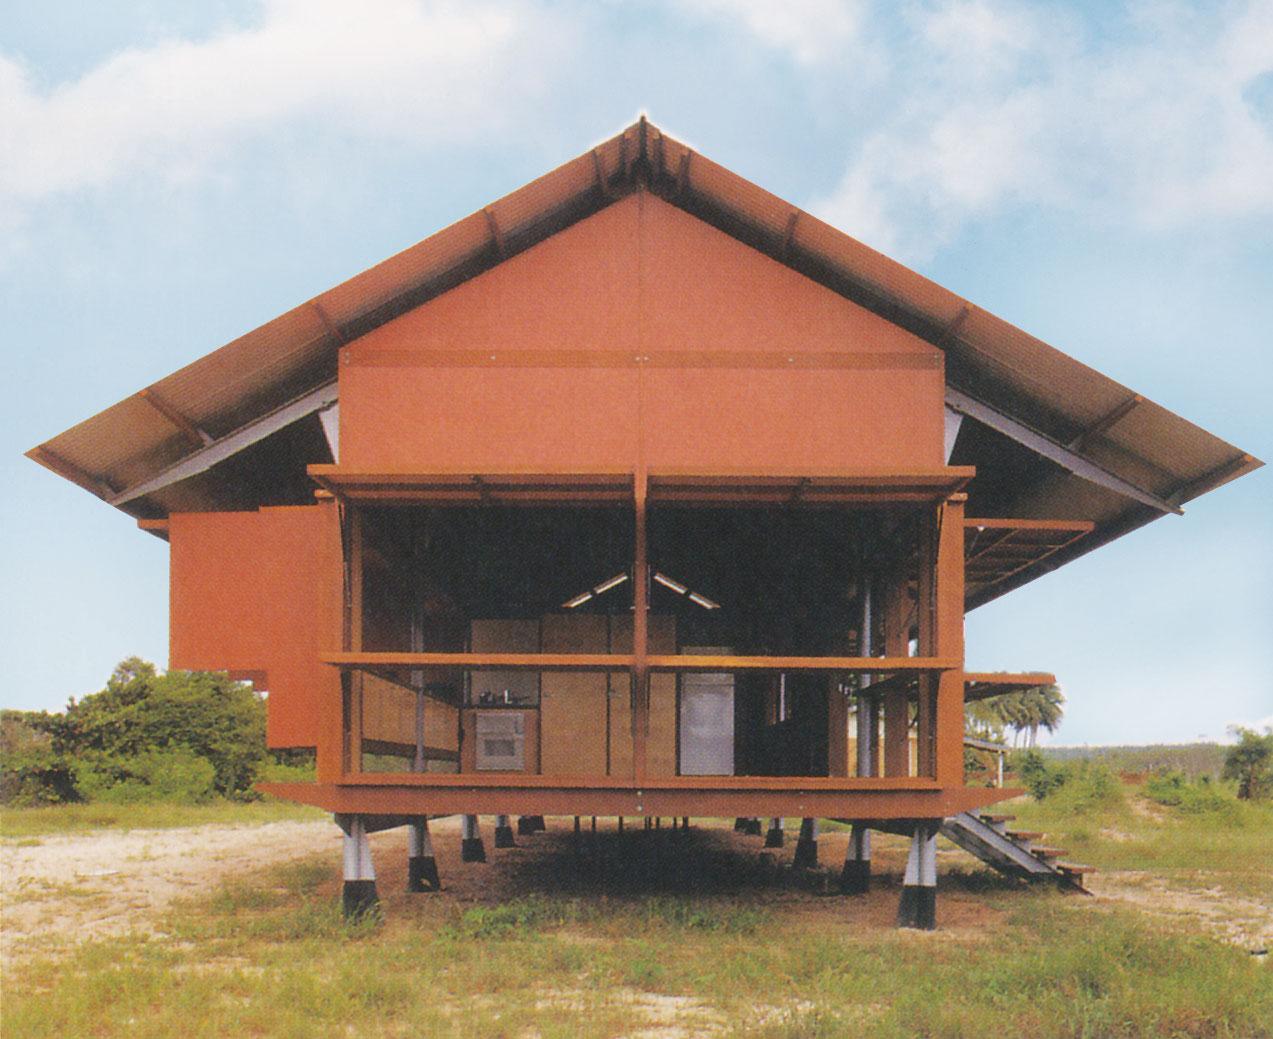 شرکت معماری گلِن مِرکات، خانهی ماریکا-آلدِرتون؛ آرنْهِملَندِ شرقی، استرالیا، 1994